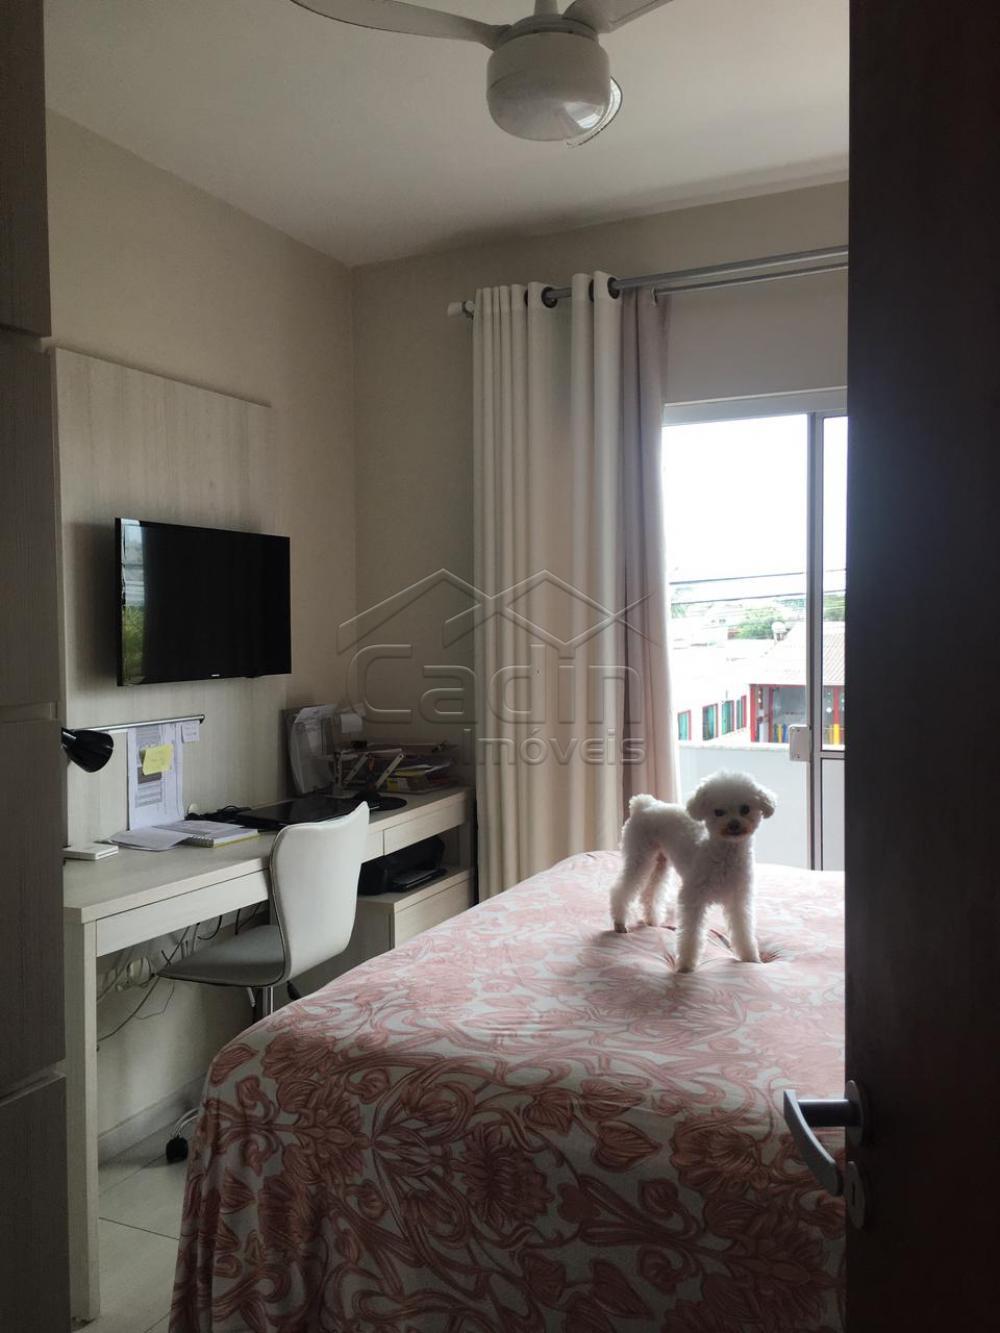 Comprar Casa / Sobrado em Navegantes R$ 470.000,00 - Foto 6